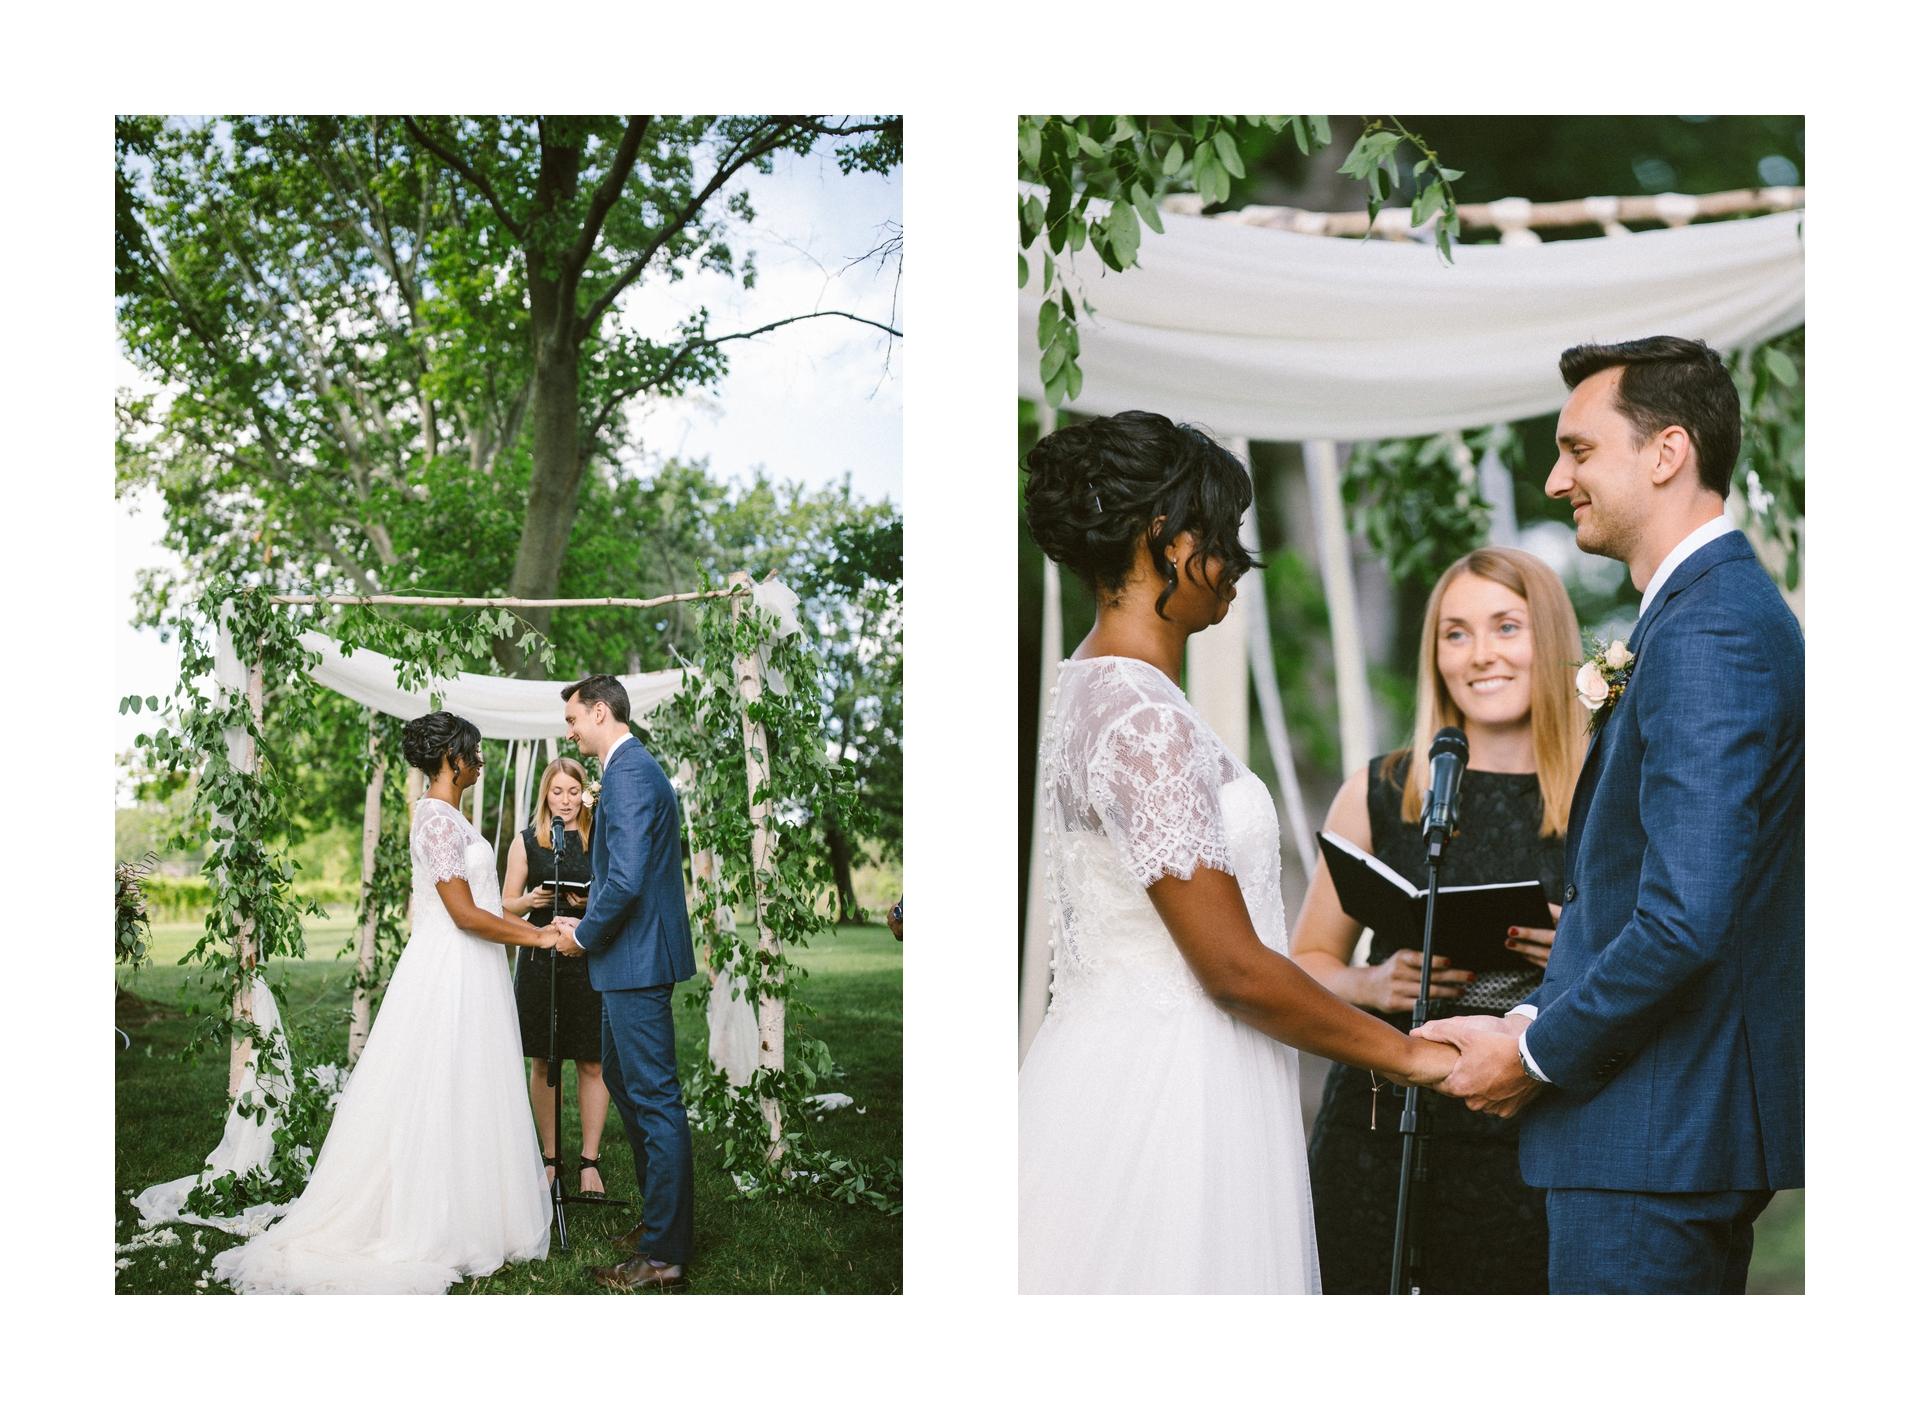 Gervasi Wedding Photographer in Canton Ohio 64.jpg